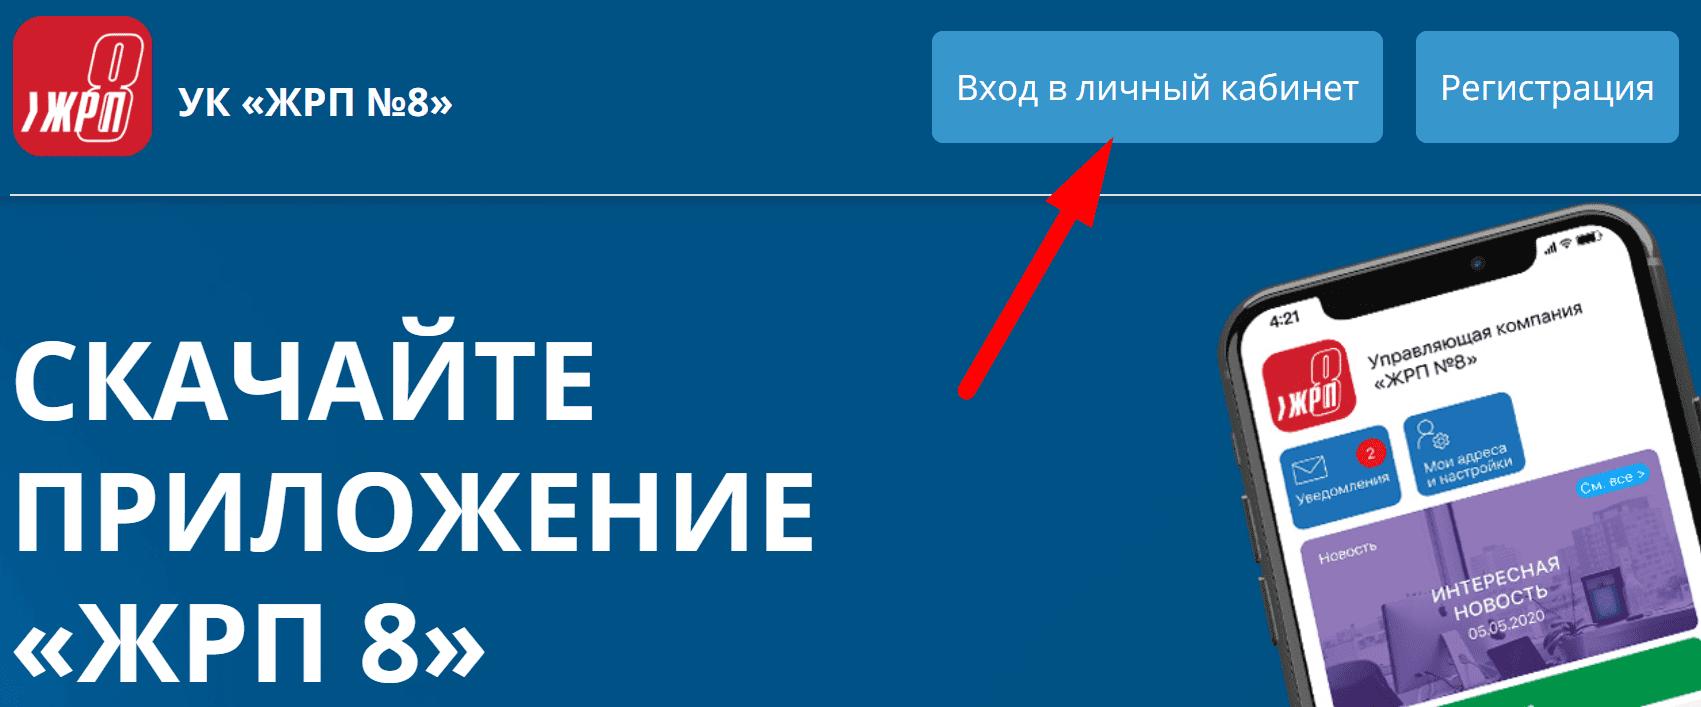 Ссылка на официальный сайт УК «ЖРП №8»